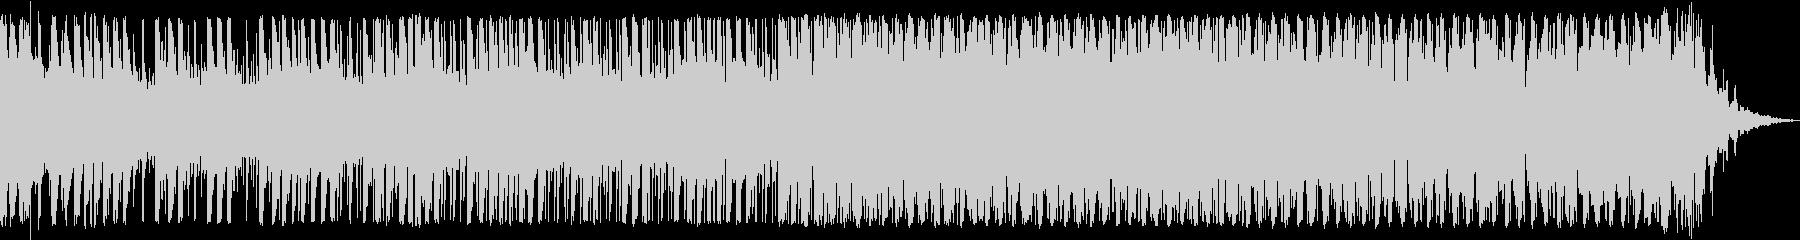 エレクトロニック 技術的な ハイテ...の未再生の波形